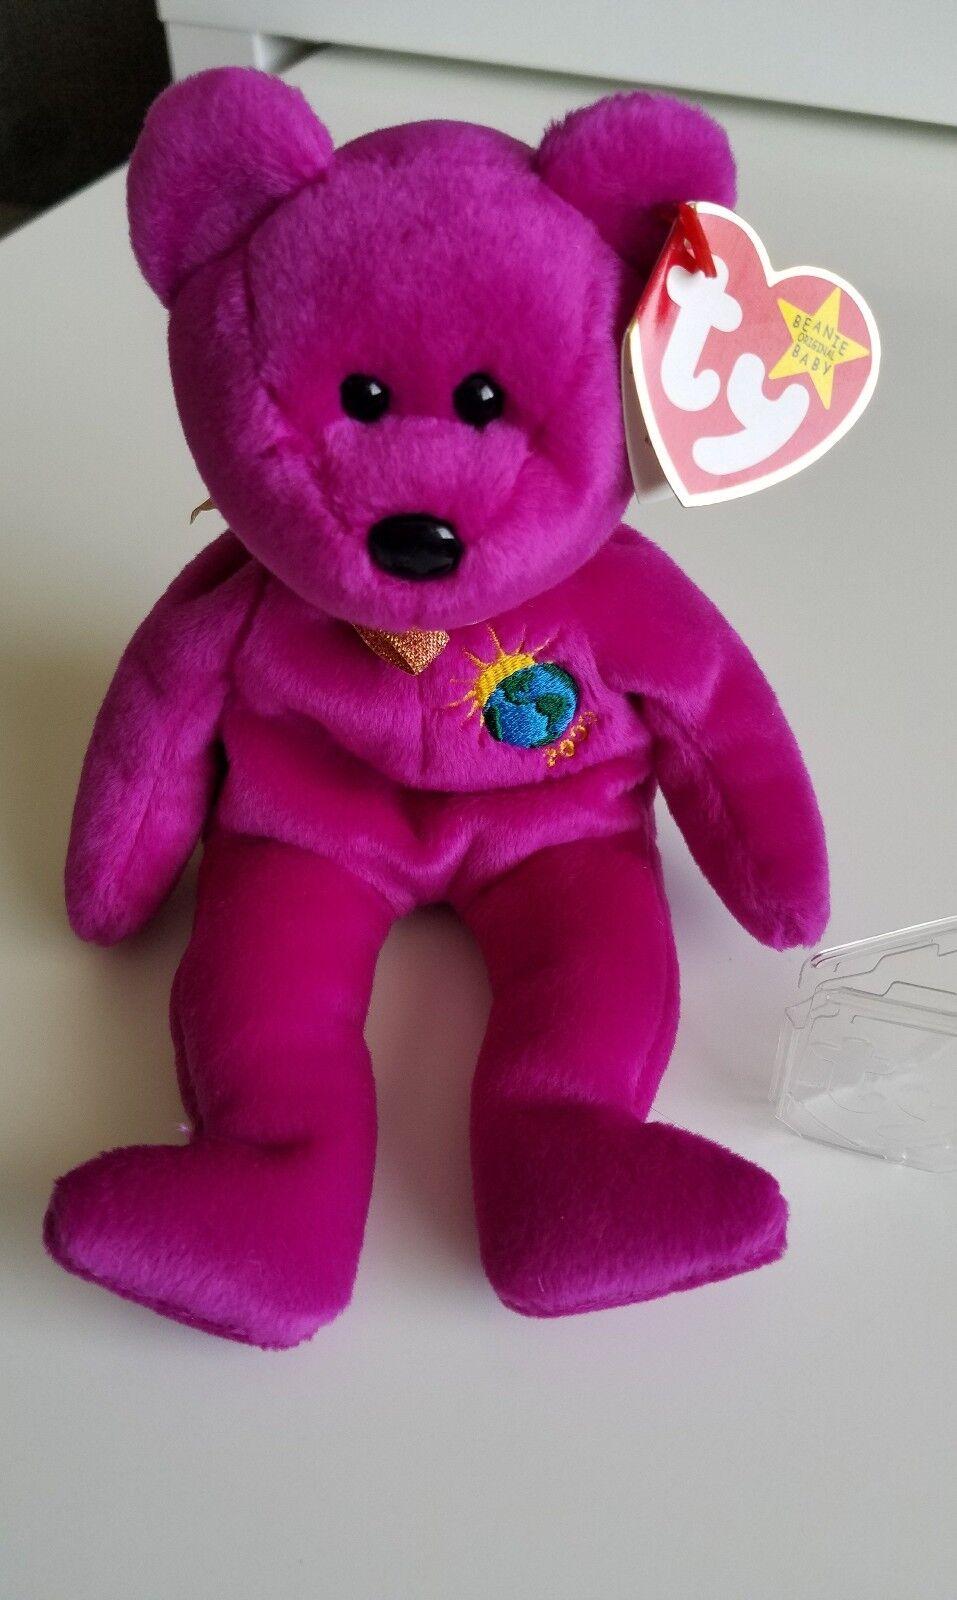 Ty - beanie baby - bär 1999 tag fehler insgesamt 7 fehler zustand